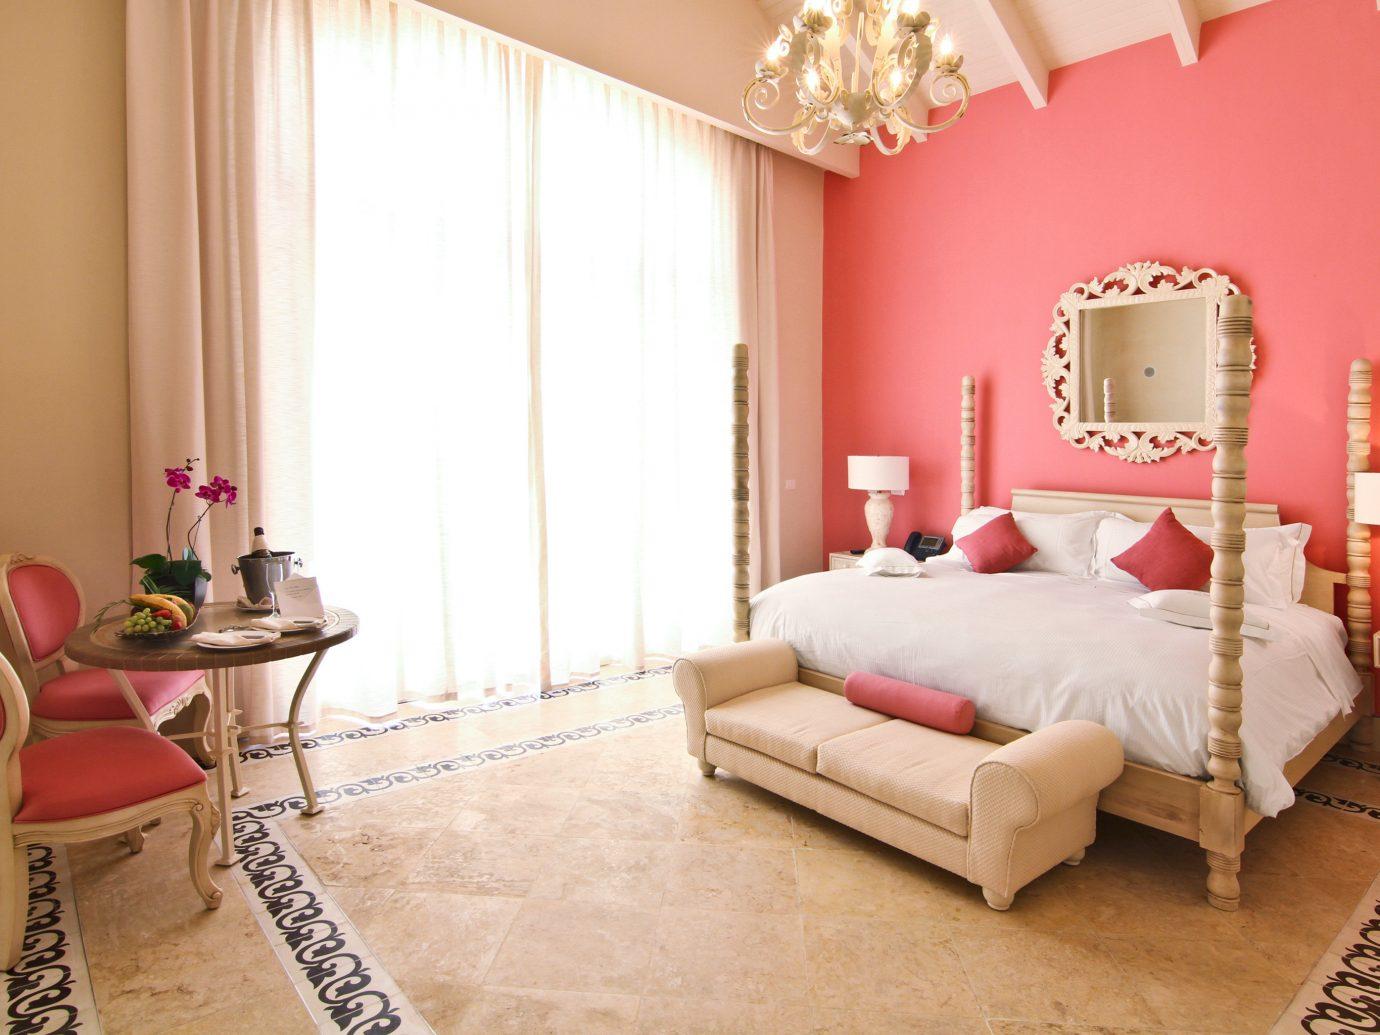 Bedroom At Eden Roc At Cap Cana In Dominican Republic